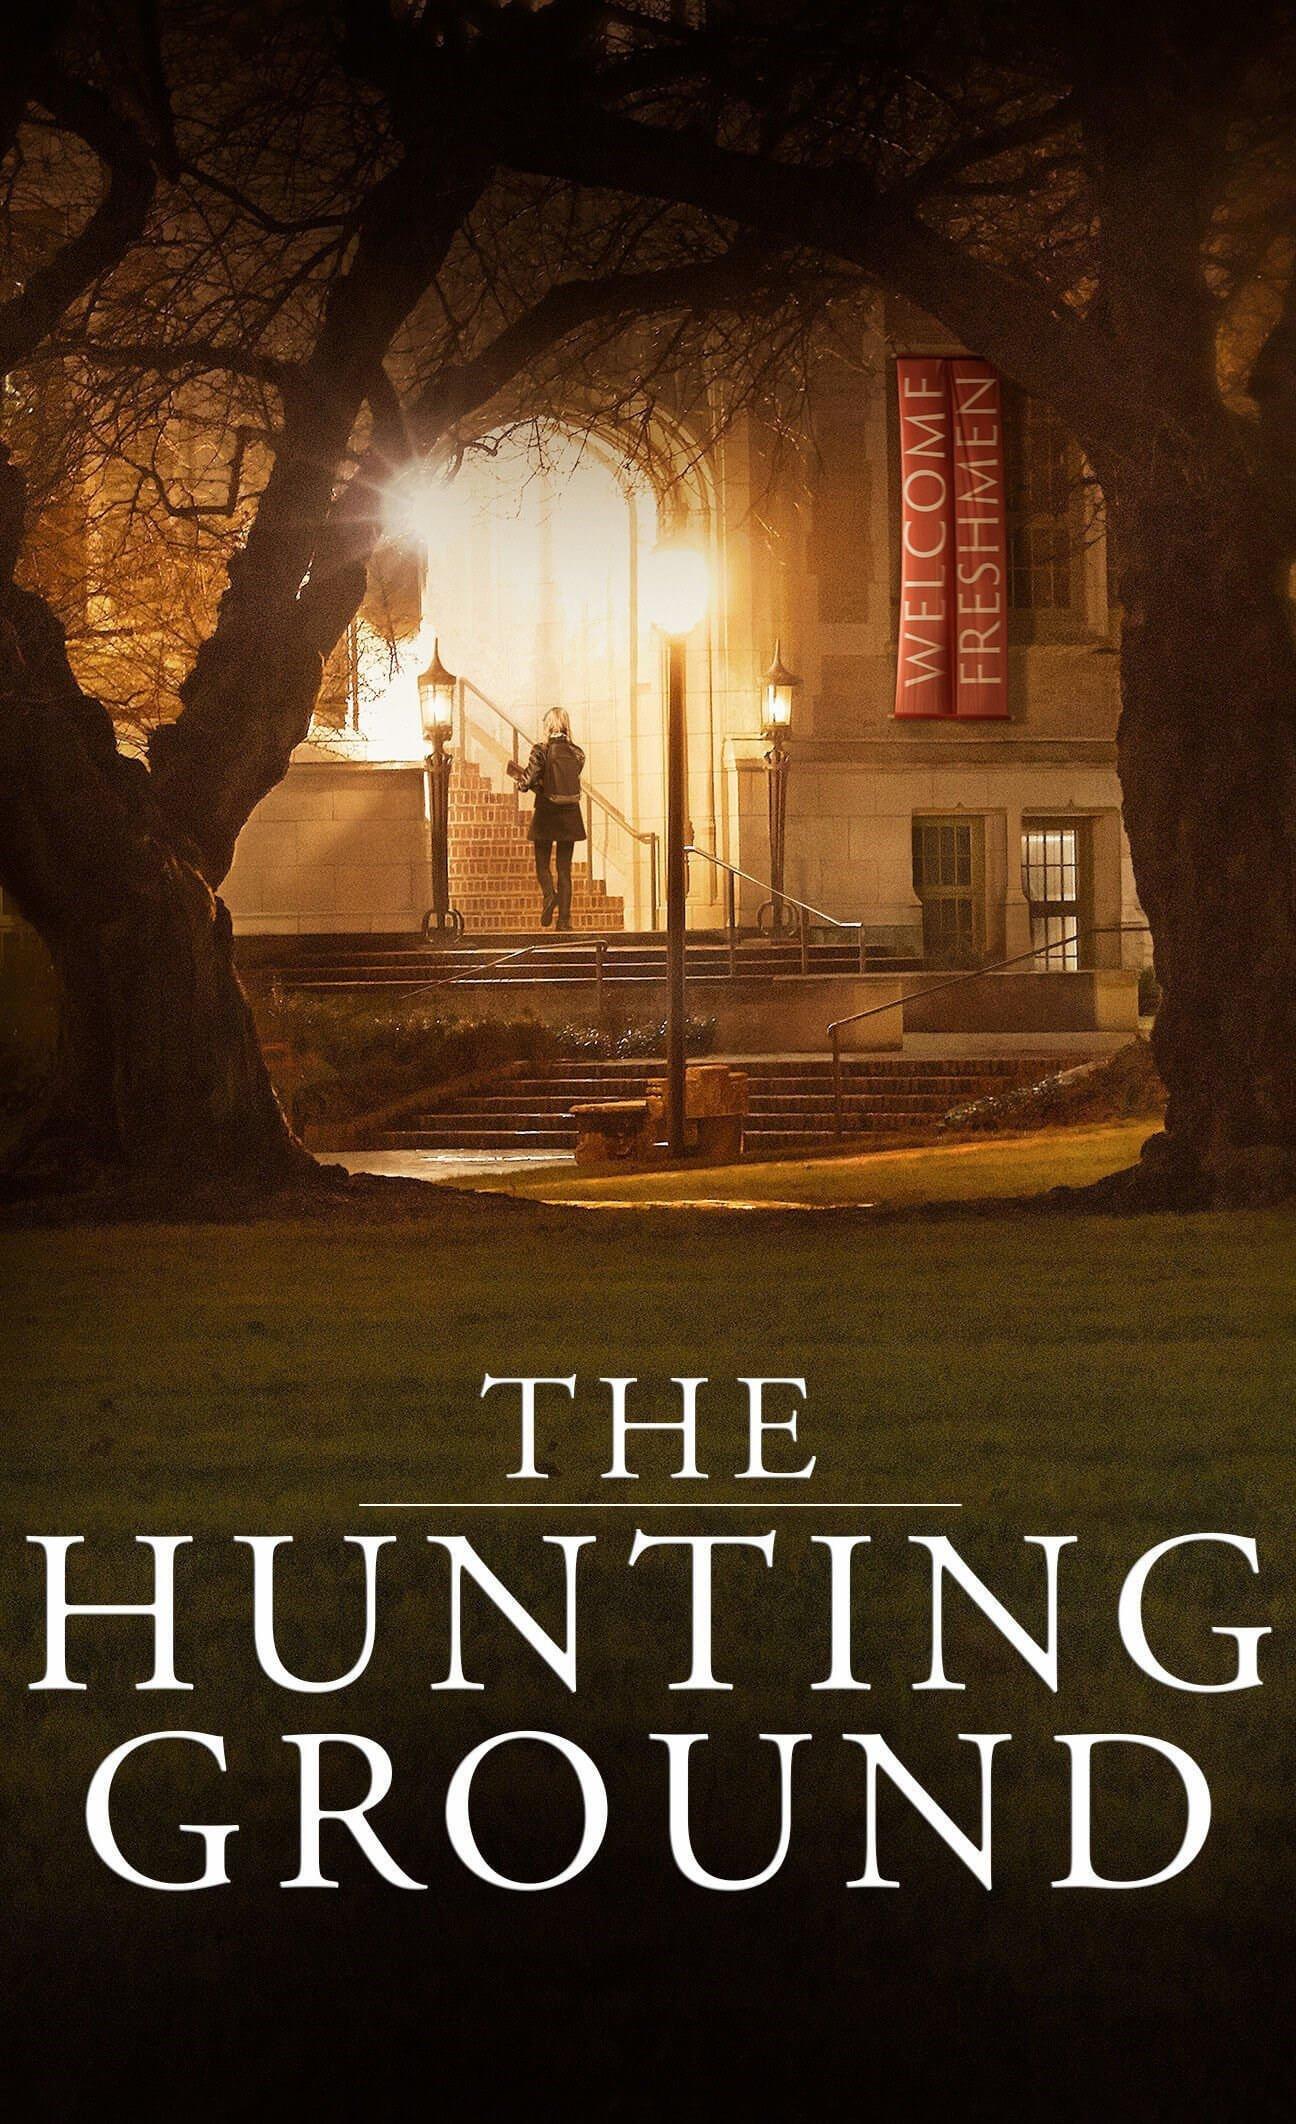 ნადირობის ზონა / The Hunting Ground